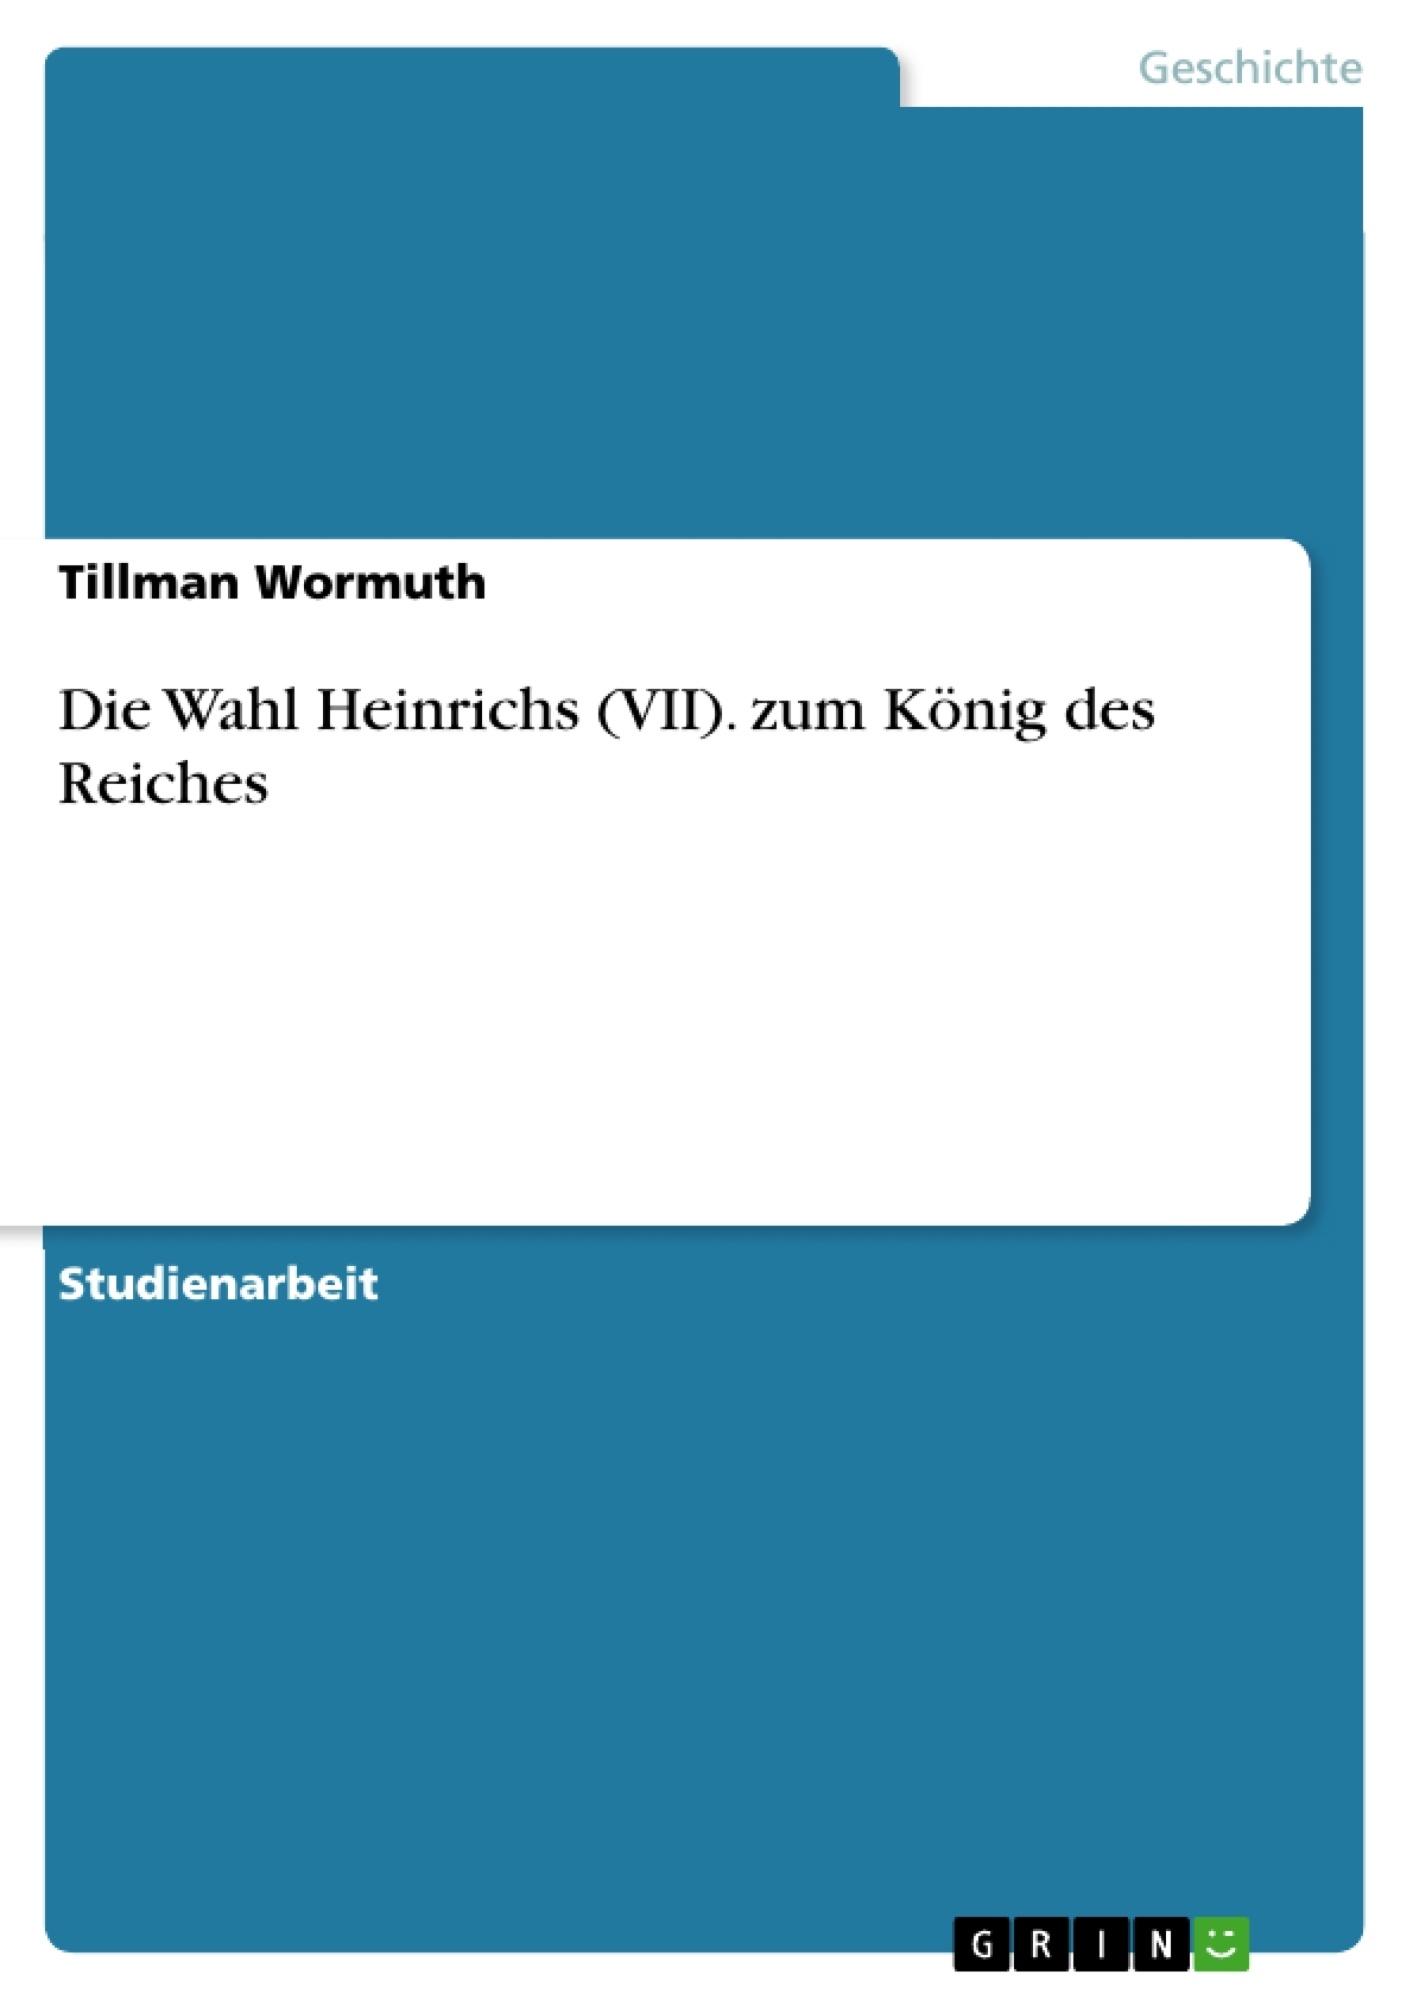 Titel: Die Wahl Heinrichs (VII). zum König des Reiches